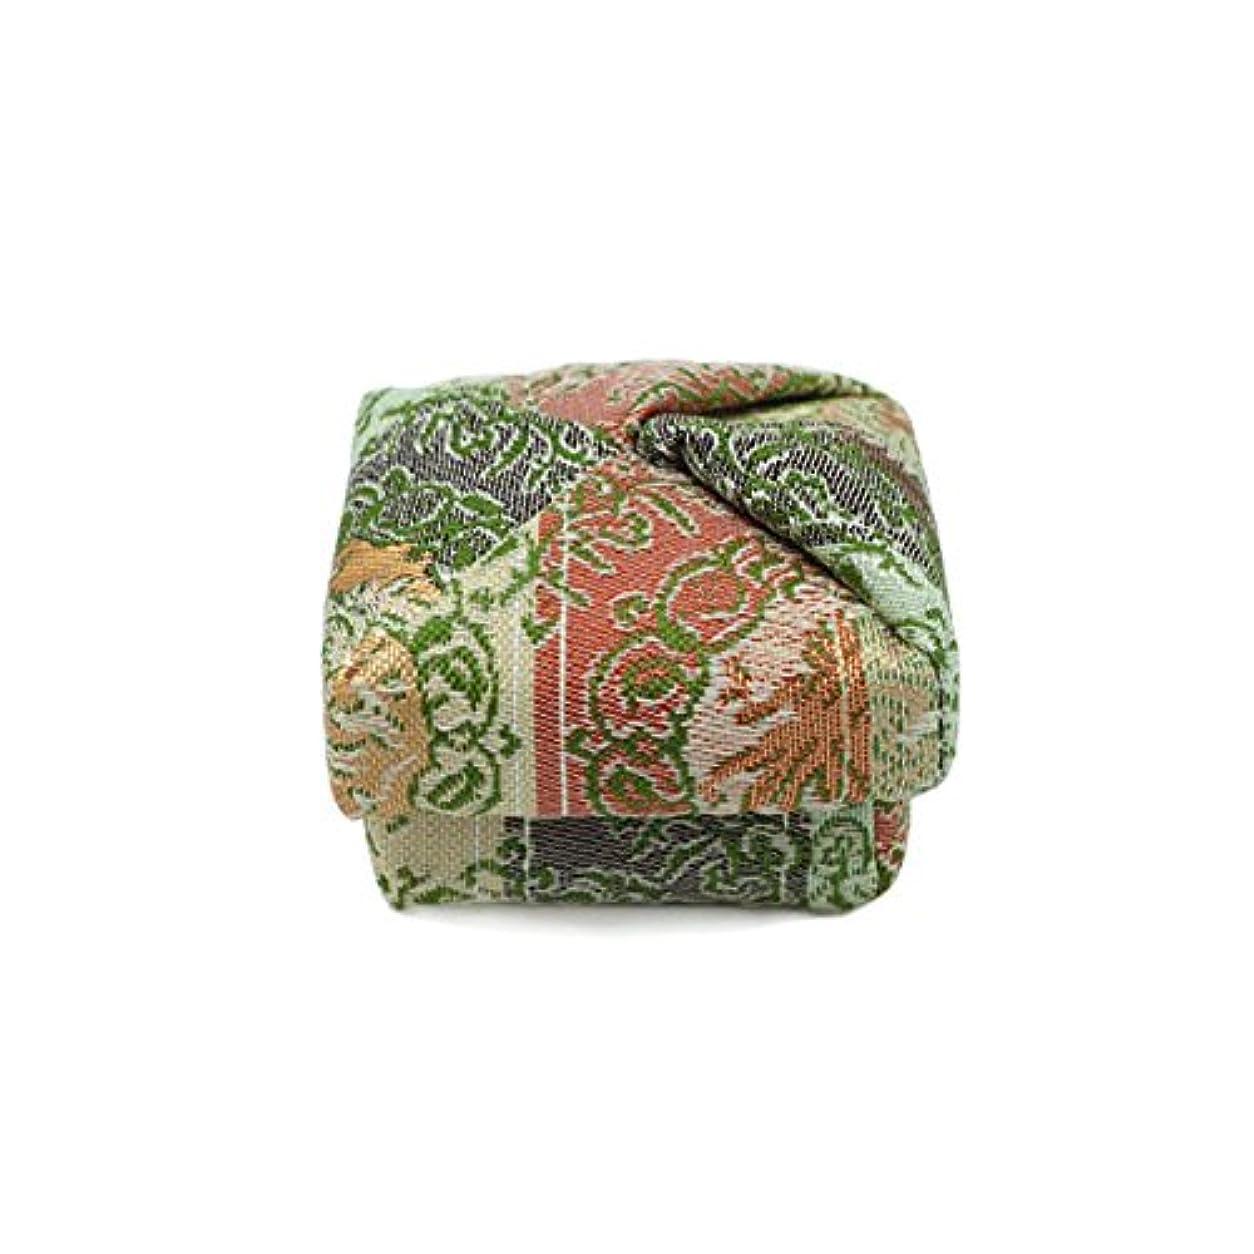 工場好奇心盛淡い布香合‐角‐ 紙箱入 鳳凰紋